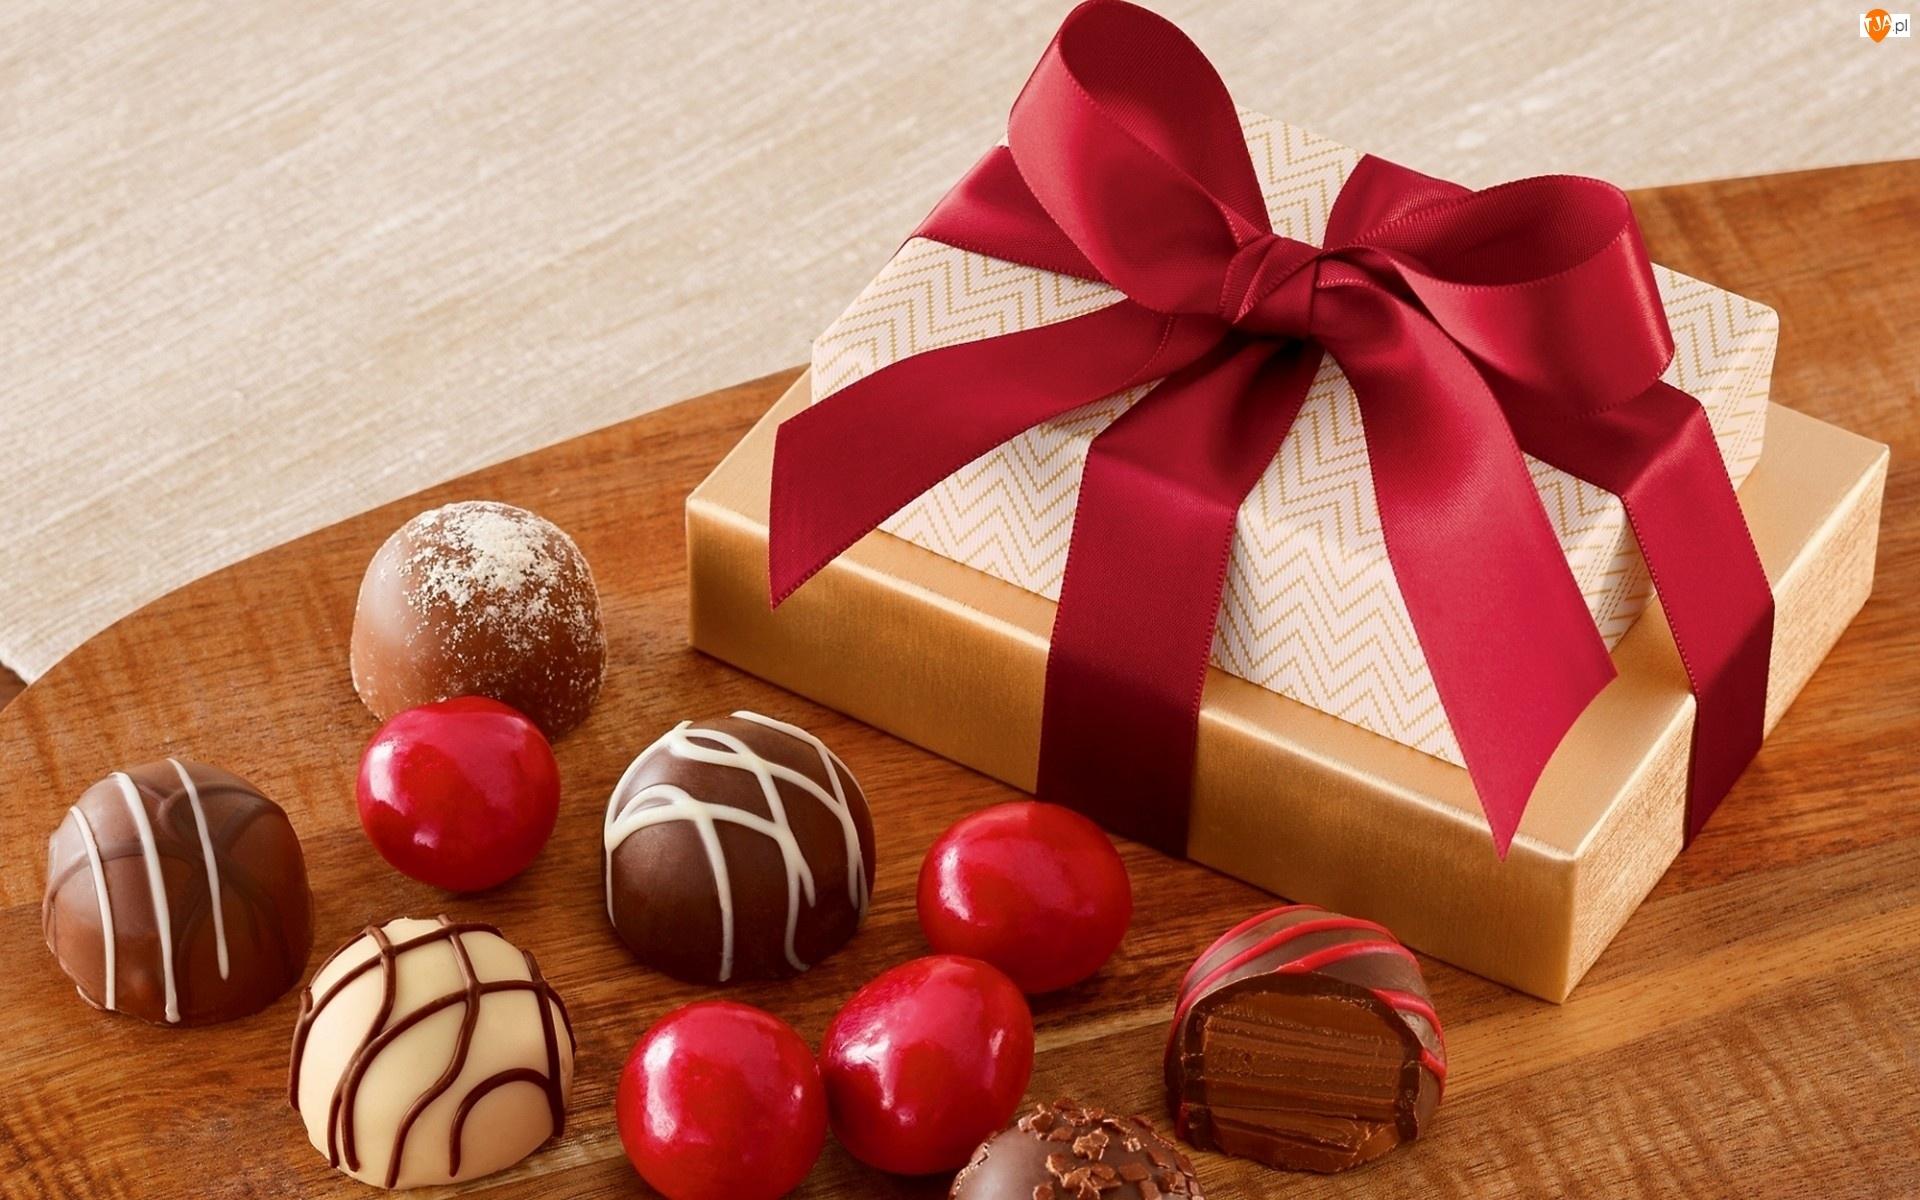 Podziękowanie, Prezent, Cukierki, Słodycze, Ciasteczka